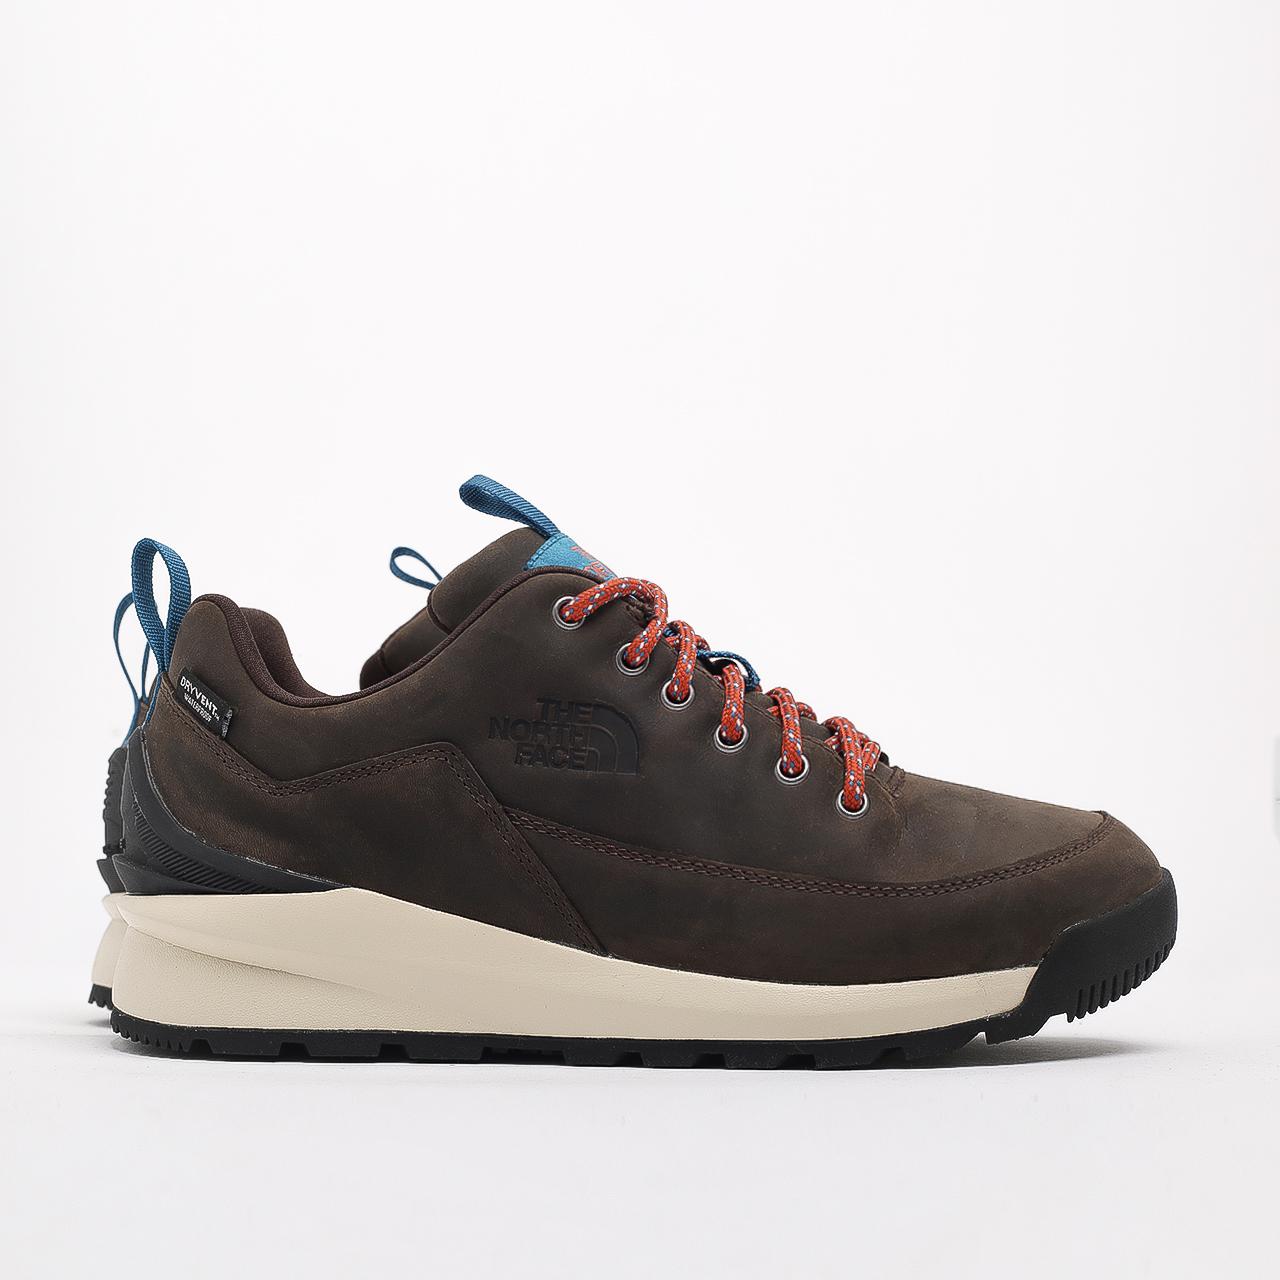 Купить коричневые мужские ботинки Back-TO-Berkeley Low WP от The North Face (TA4OBSU6V) по цене 11690 рублей